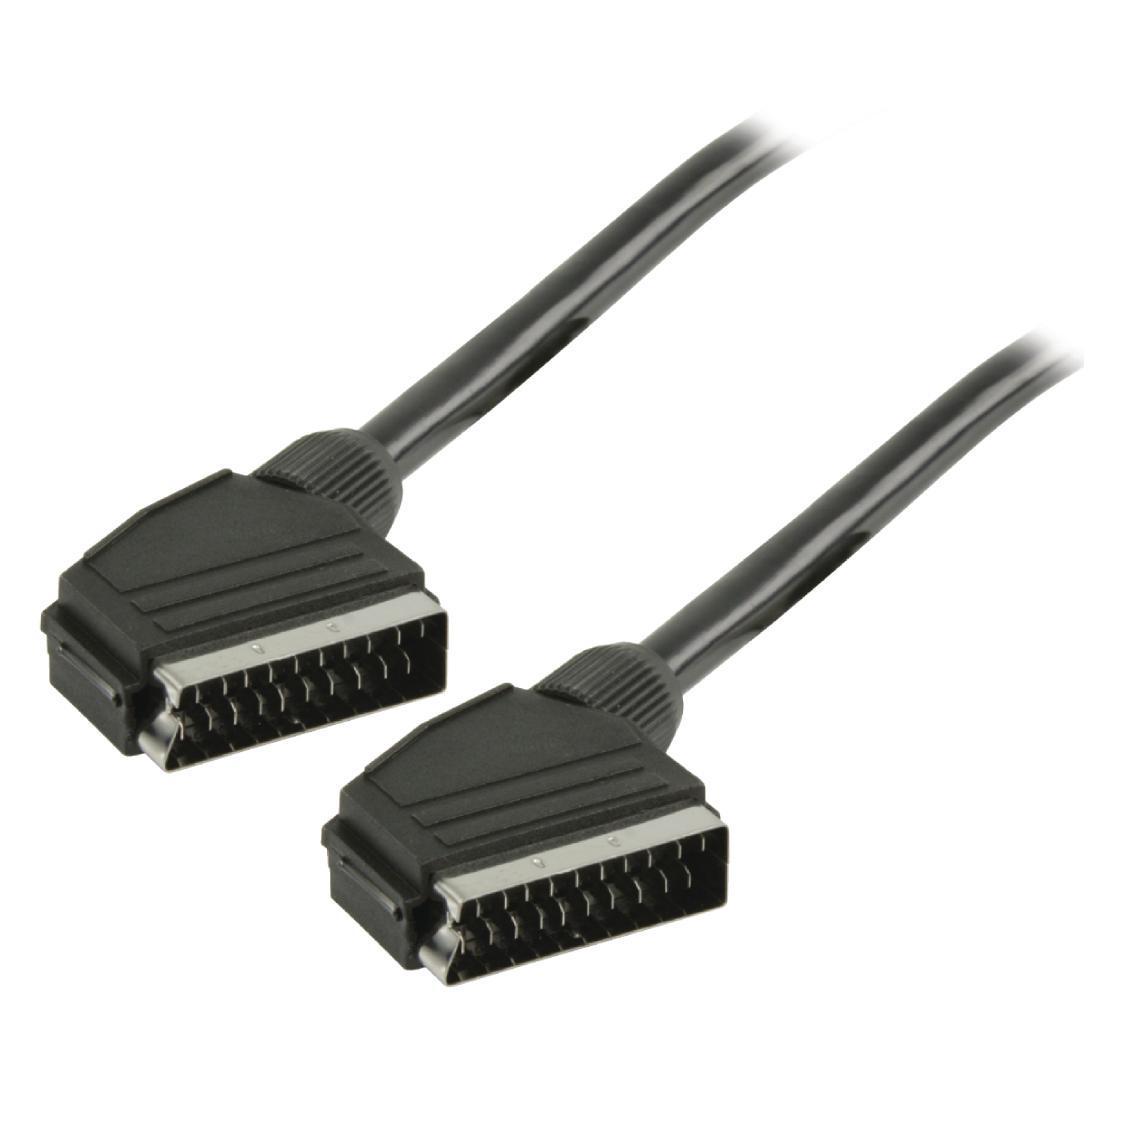 SCART kabel SCART mannelijk SCART mannelijk 2,00 m zwart